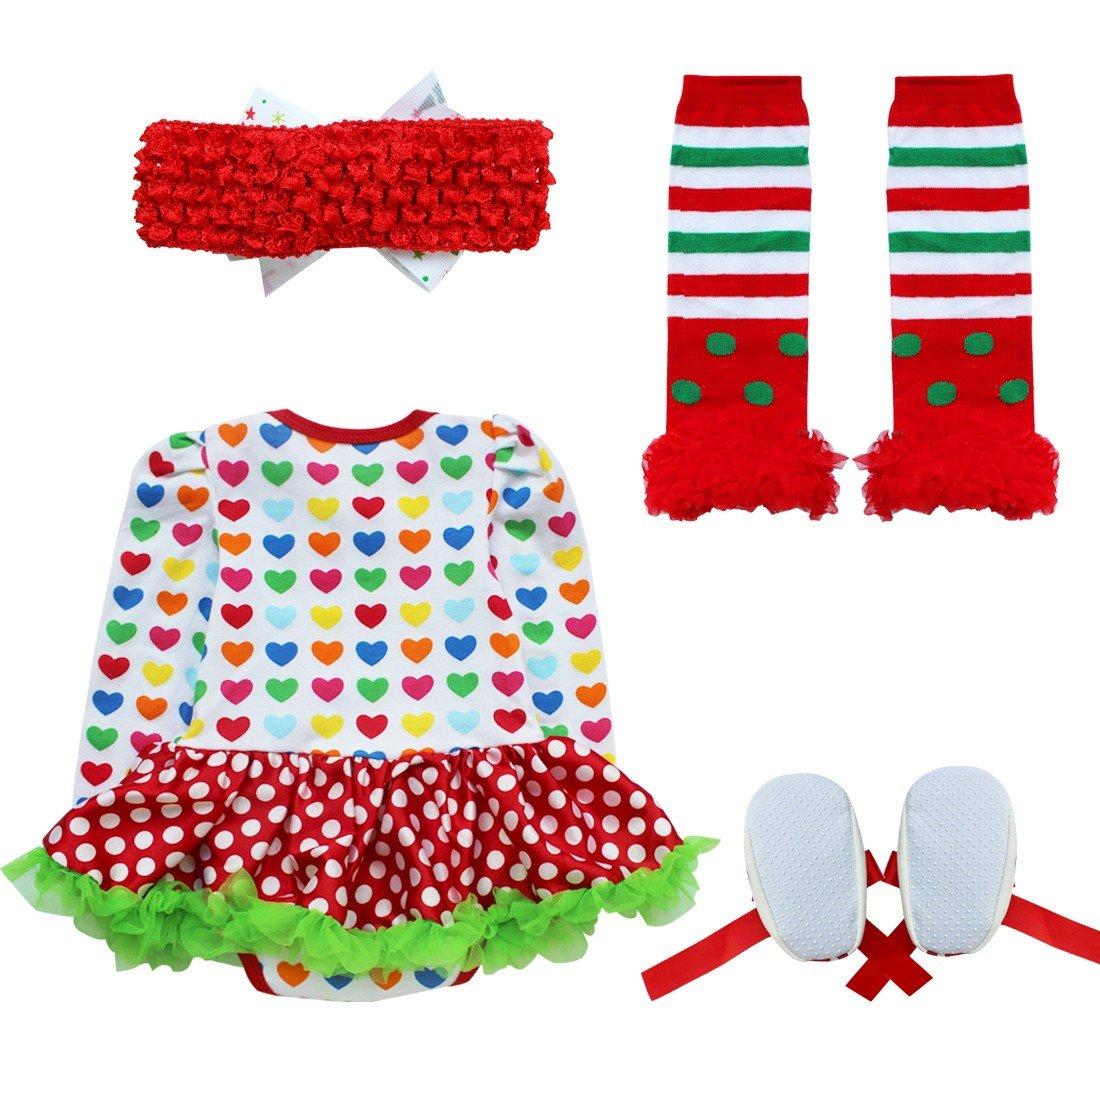 CHICTRY Mio Primo Natale 3-4 PCS Neonata Natale Completini Stampa Pagliaccetto Tutine Body//Tutu//Fascia//Scarpe//Calze Beb/è Impronte Babbo Natale Festa Regalo